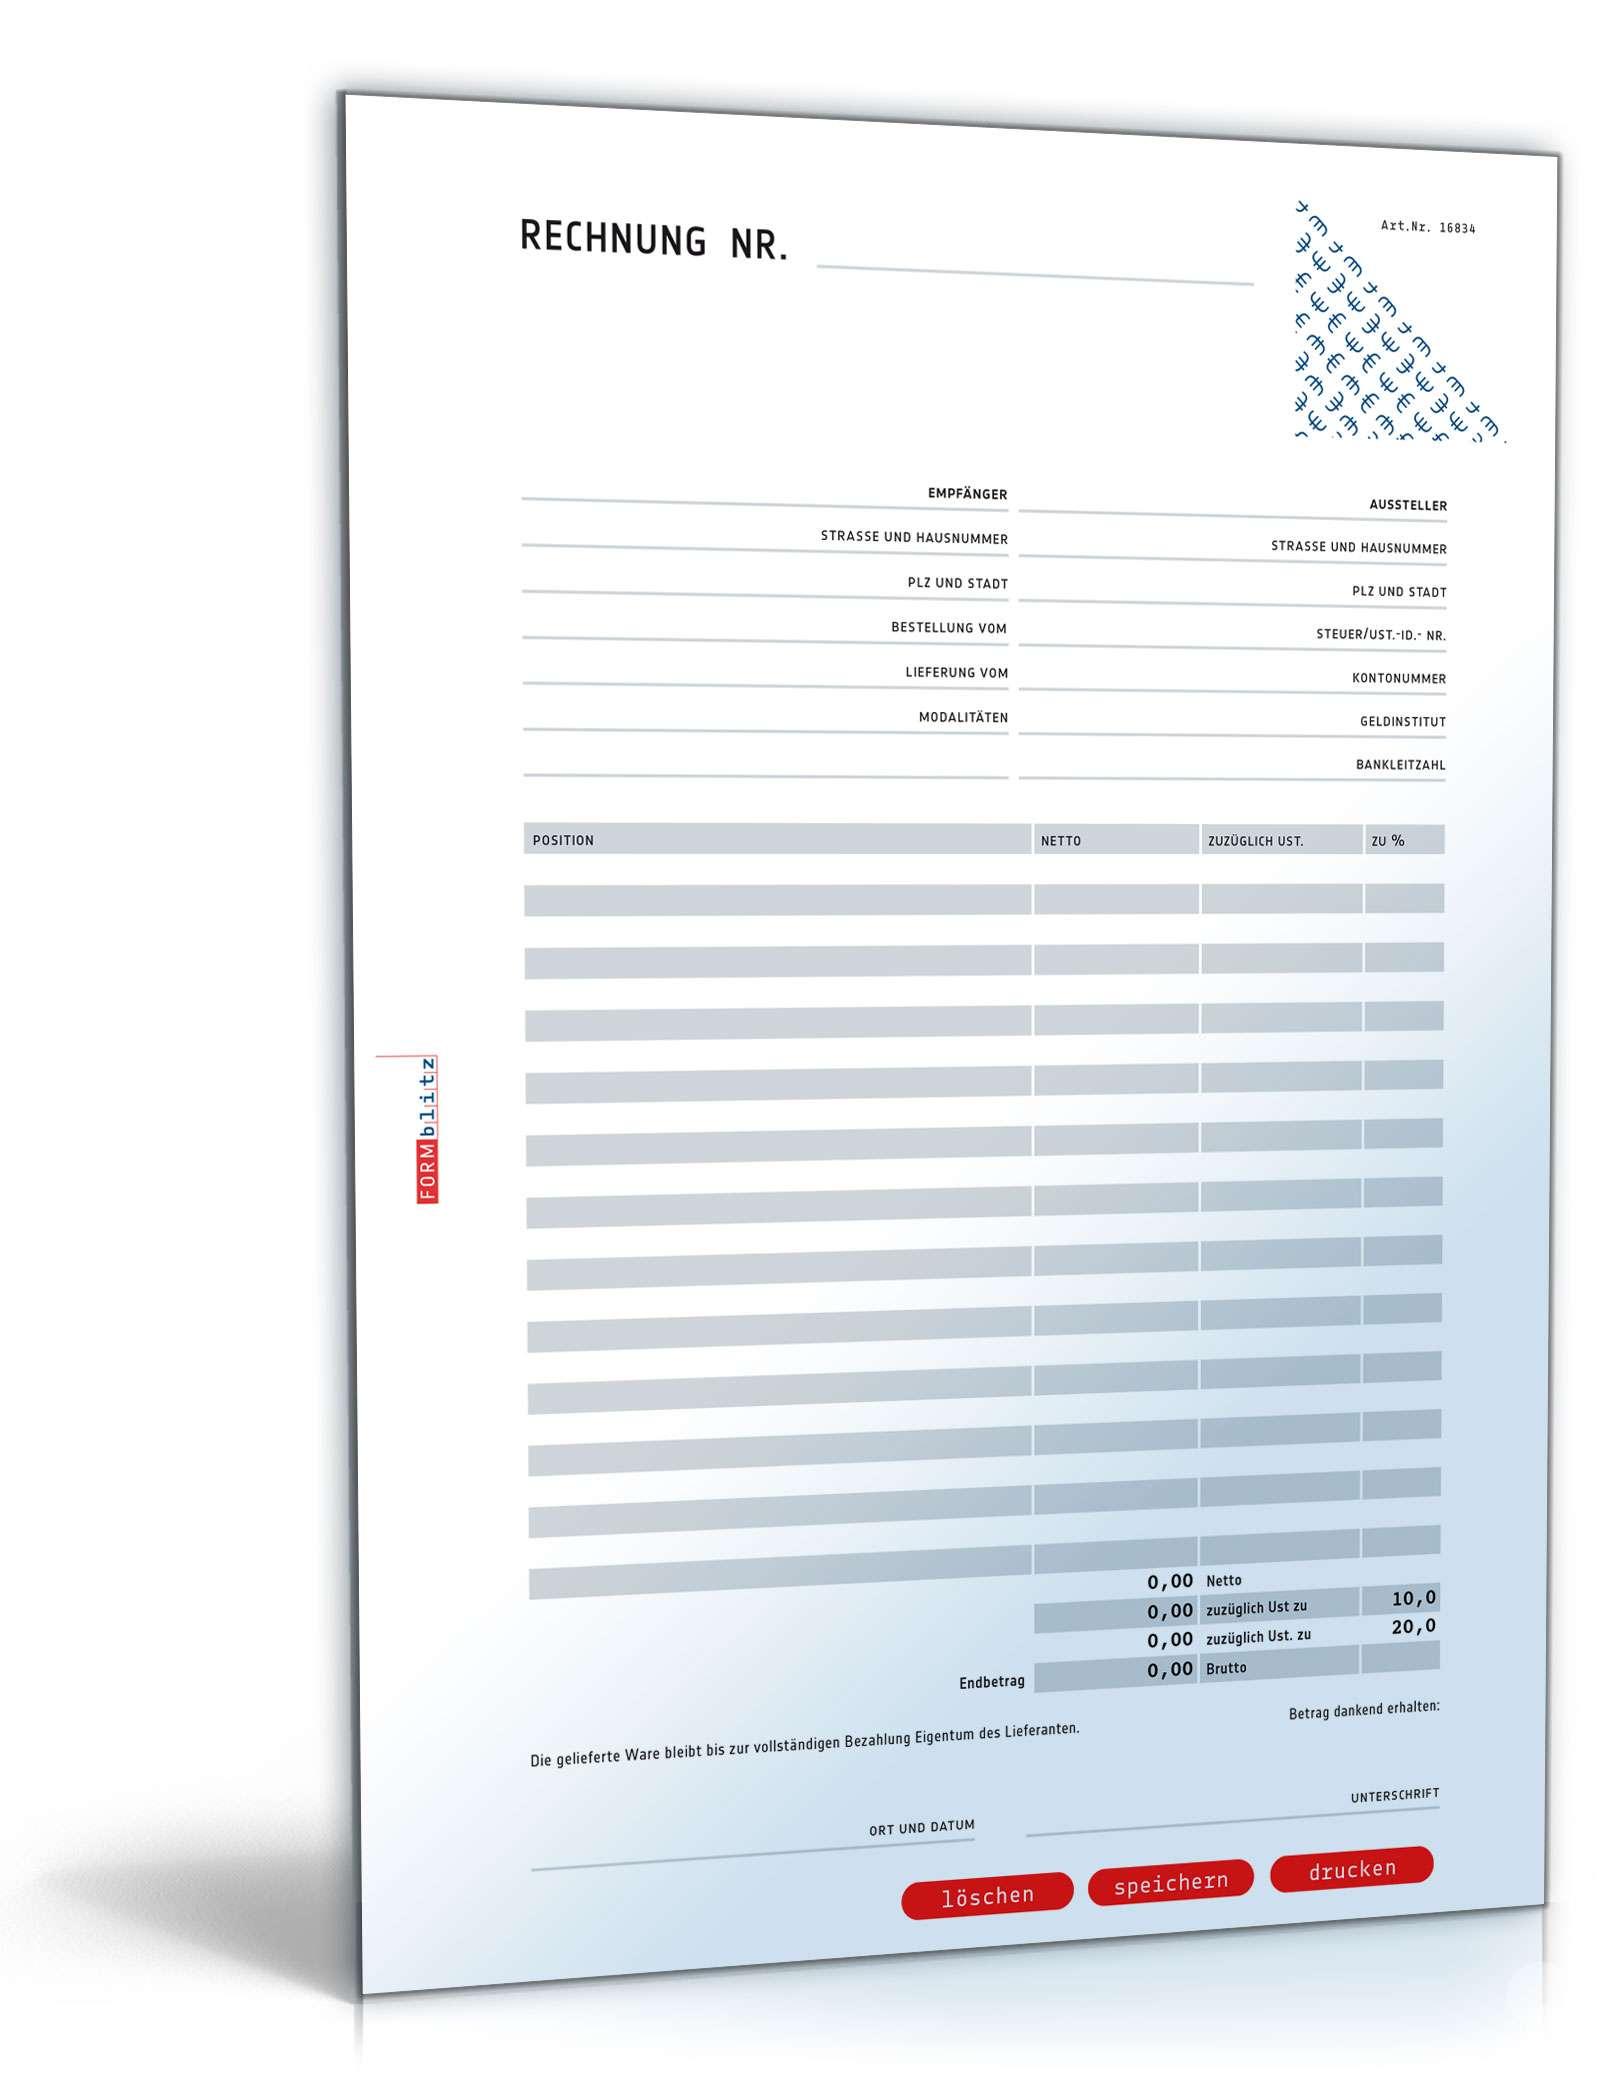 Rechnung Netto Umsatzsteuer Variabel Muster Vorlage Zum Download